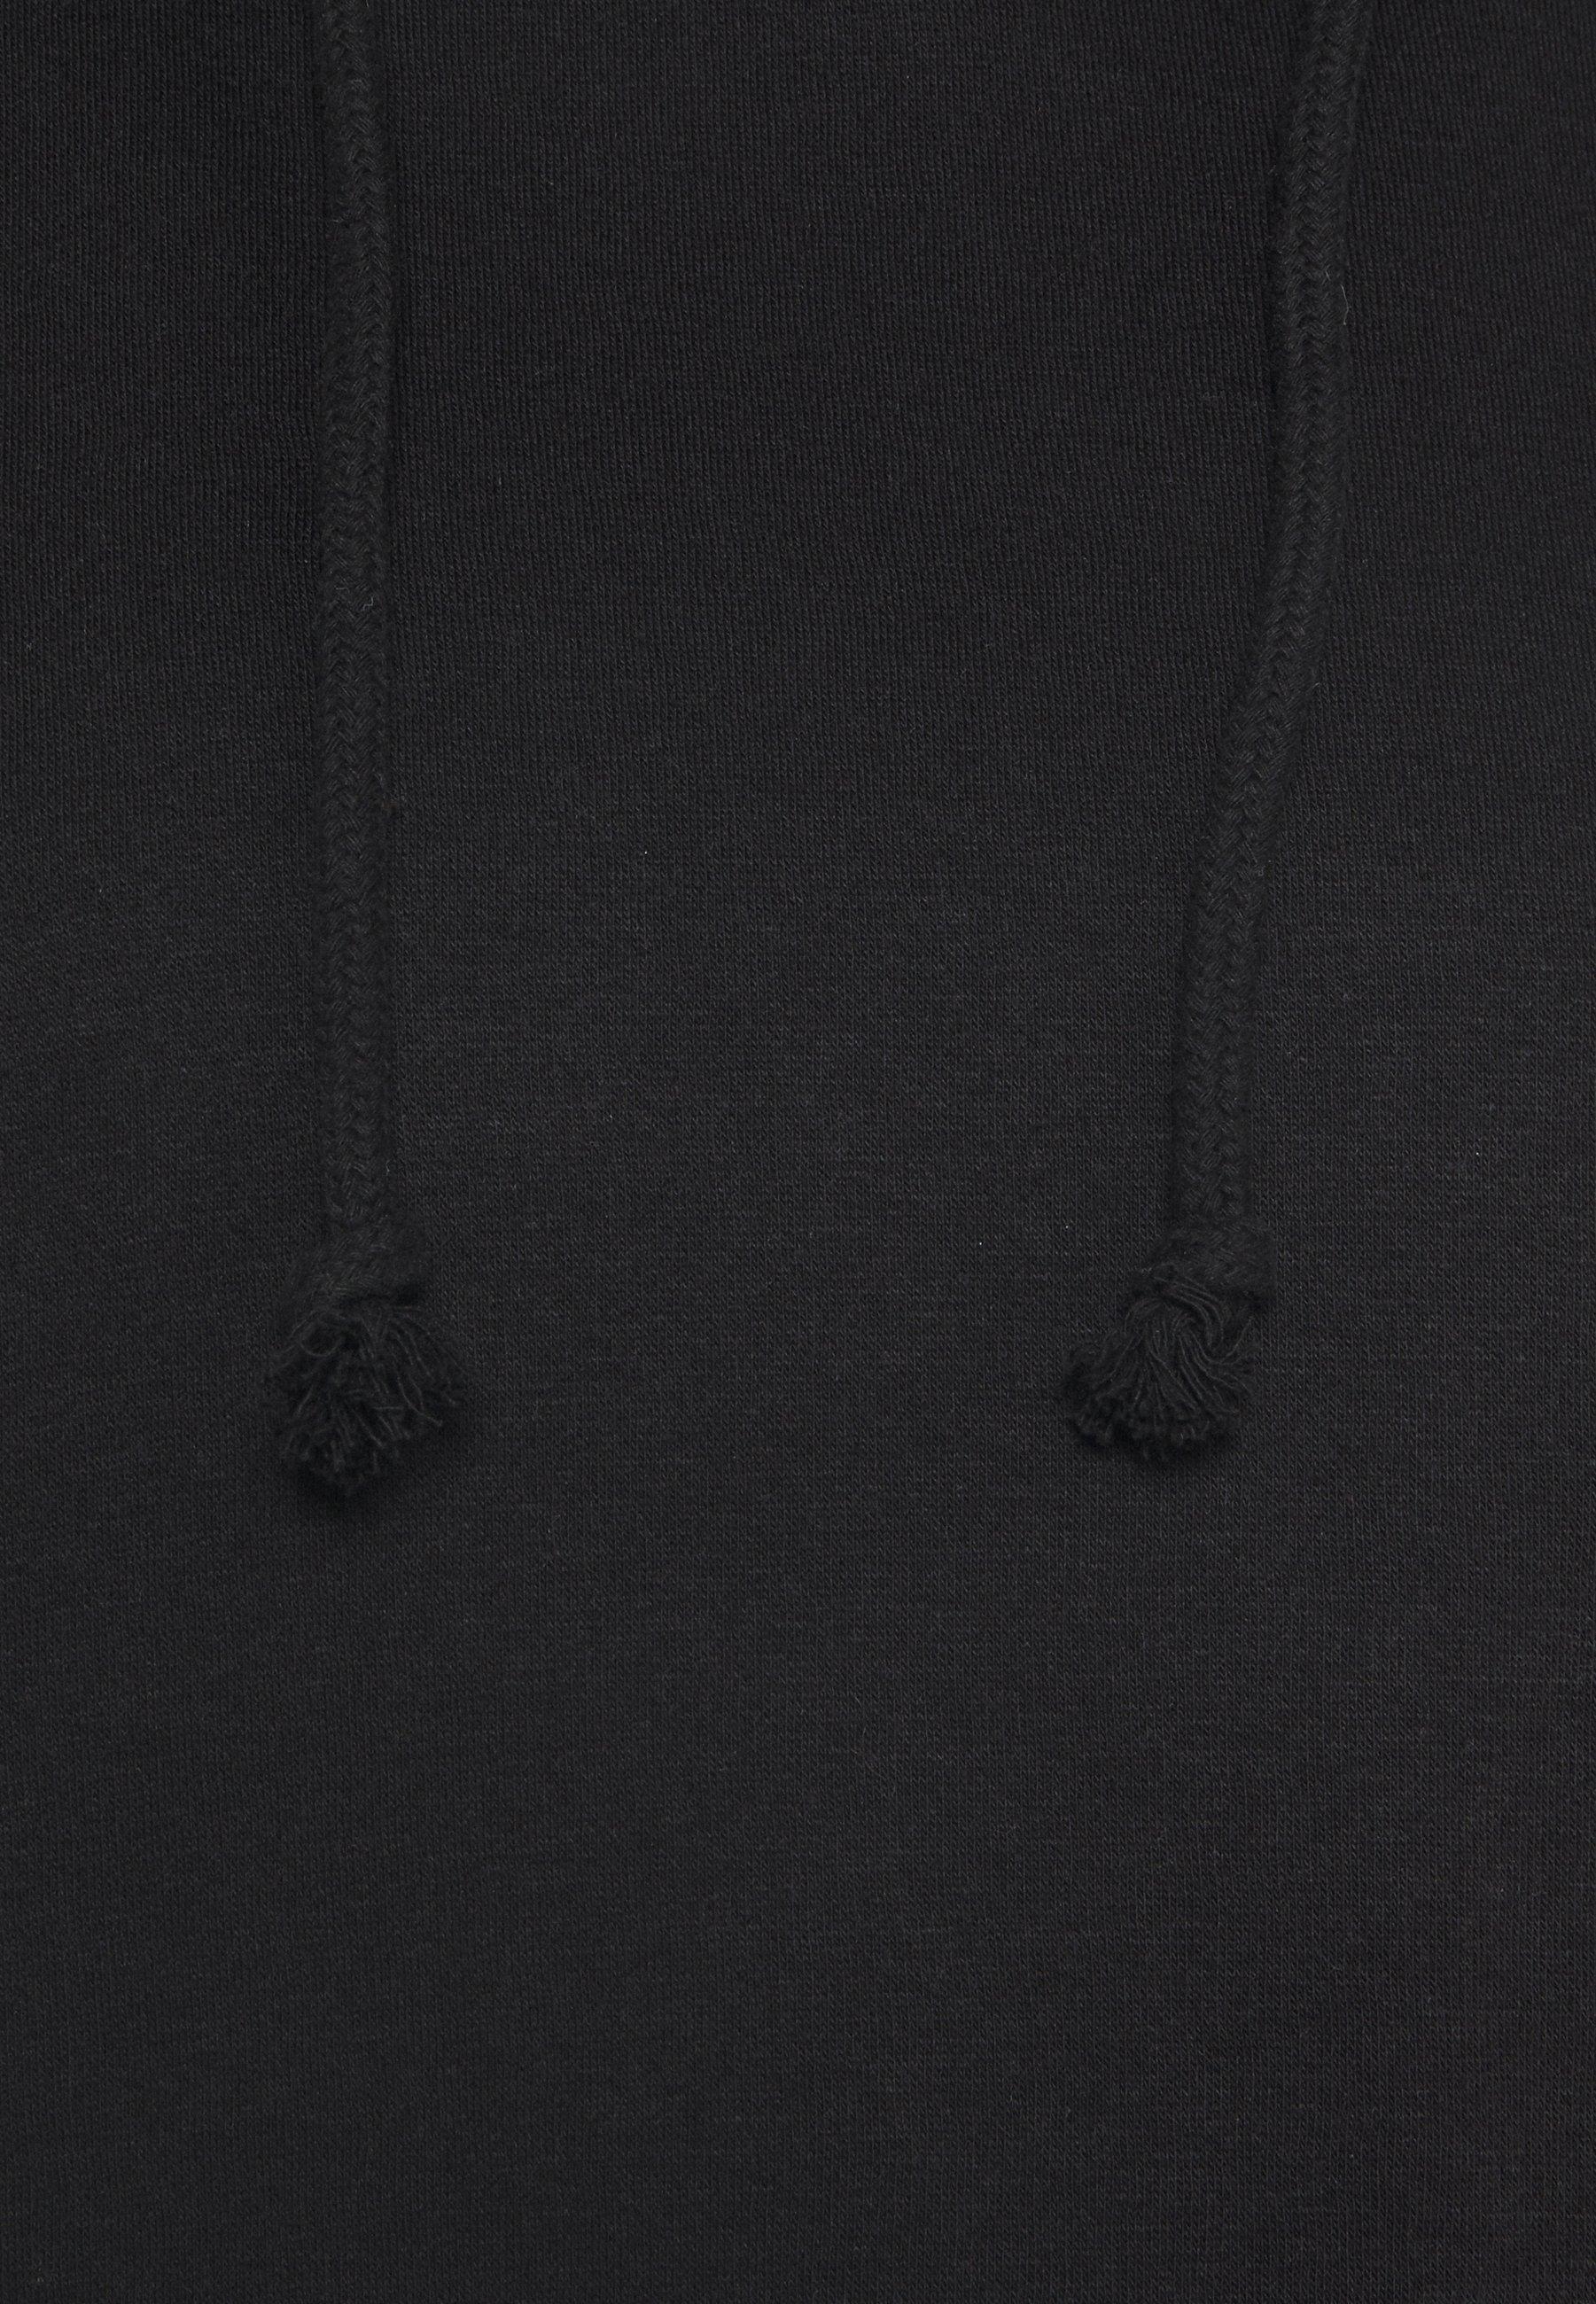 Missguided Petite Basic Hoody - Hoodie Black/svart